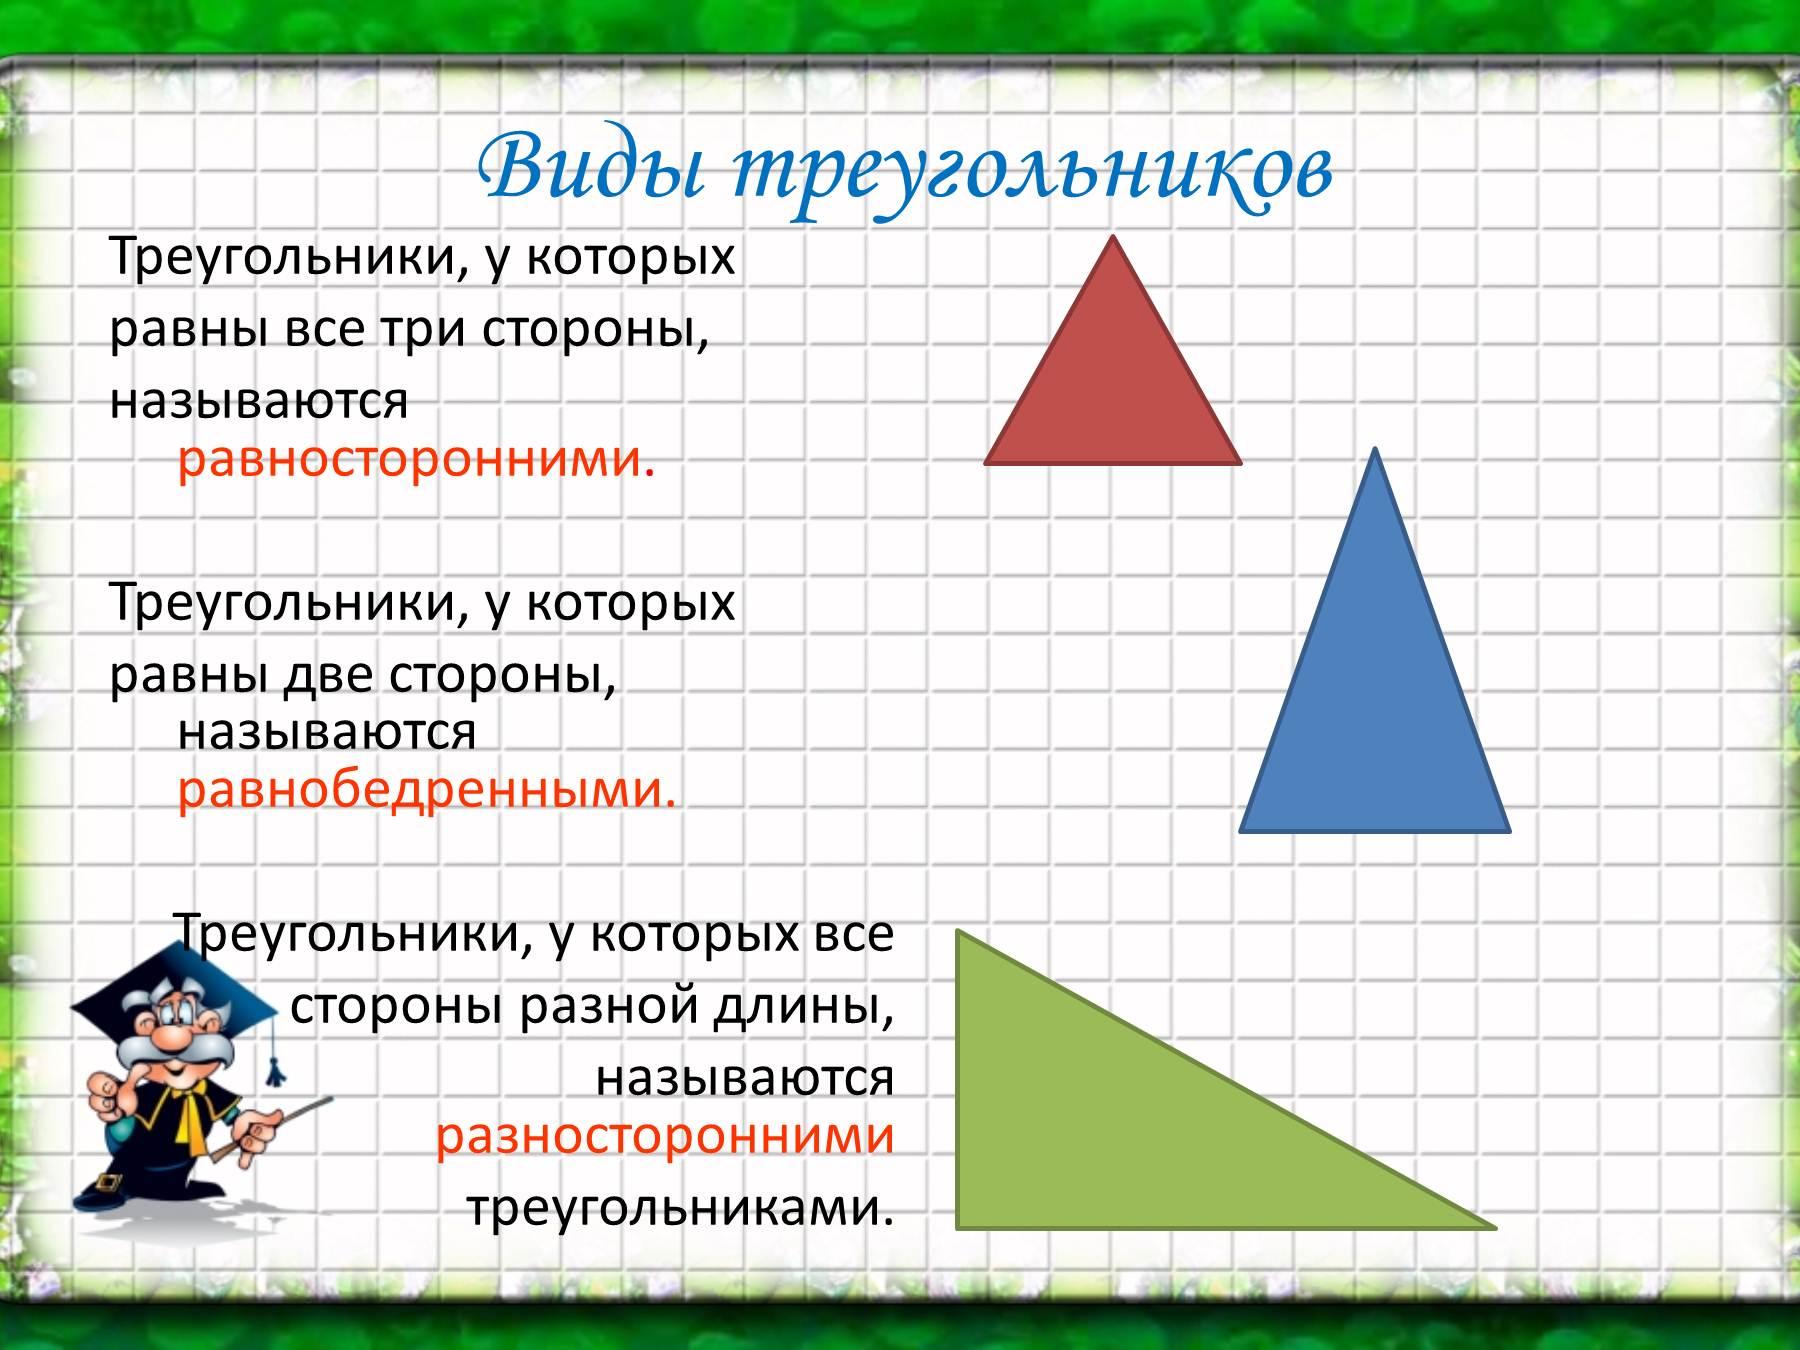 дерматомикоза картинки по теме треугольник ходили специальные занятия